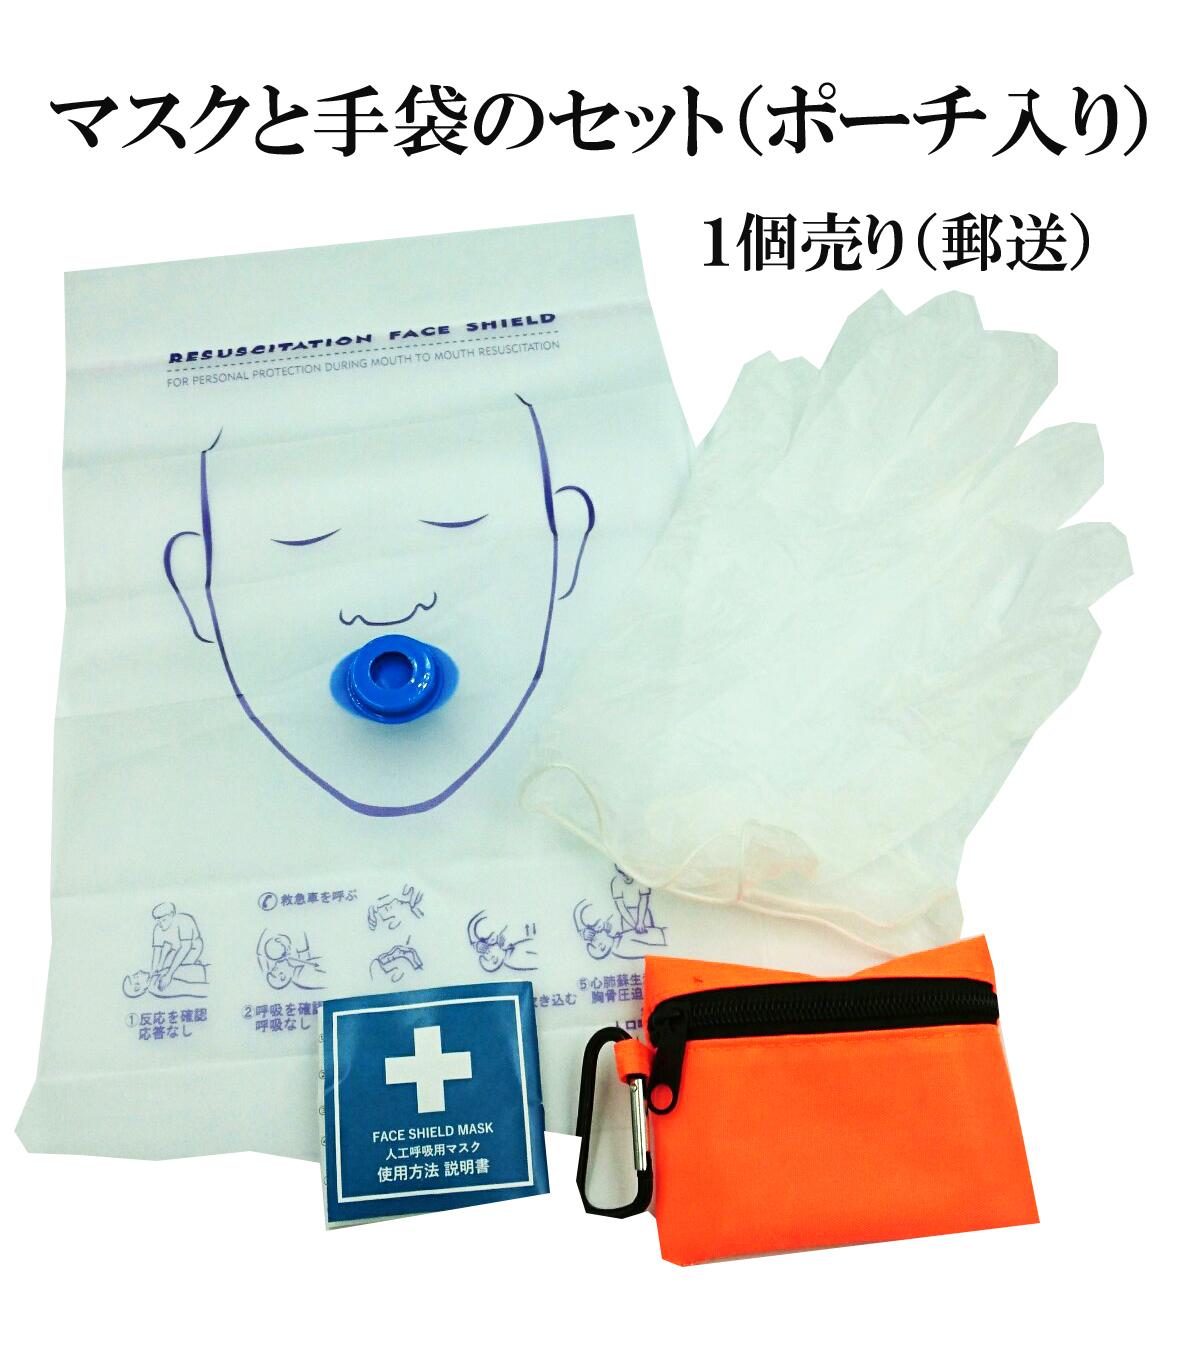 人工呼吸用 マスク と手袋のセット ポーチ入り